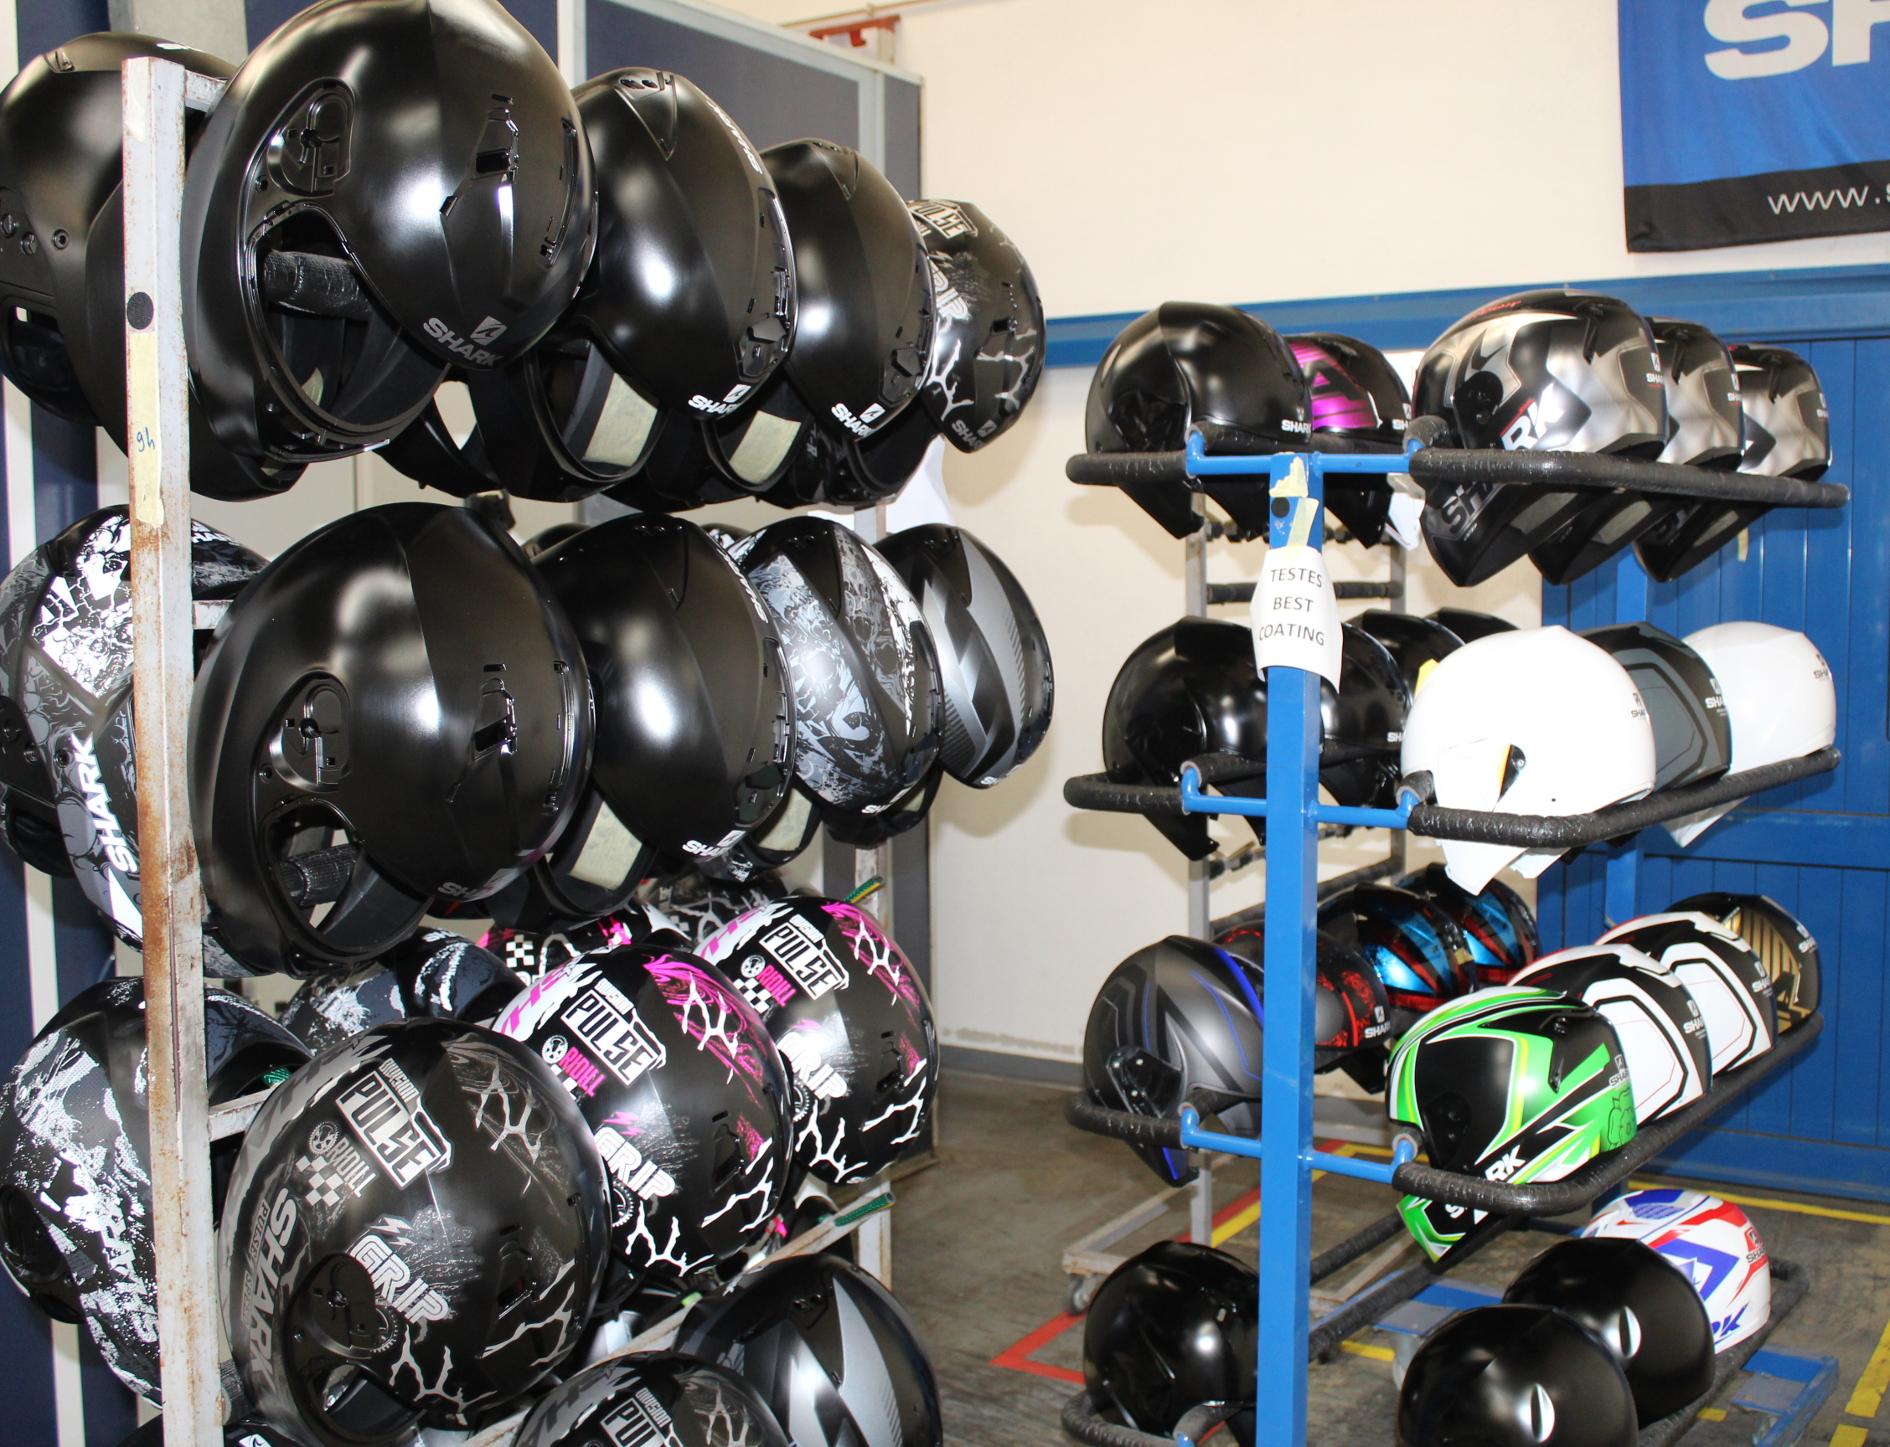 Verniciatura di caschi per motociclismo. Un processo ad alta caratterizzazione e a bassissimo impatto ambientale: l'esperienza dello stabilimento SFPC di Shark